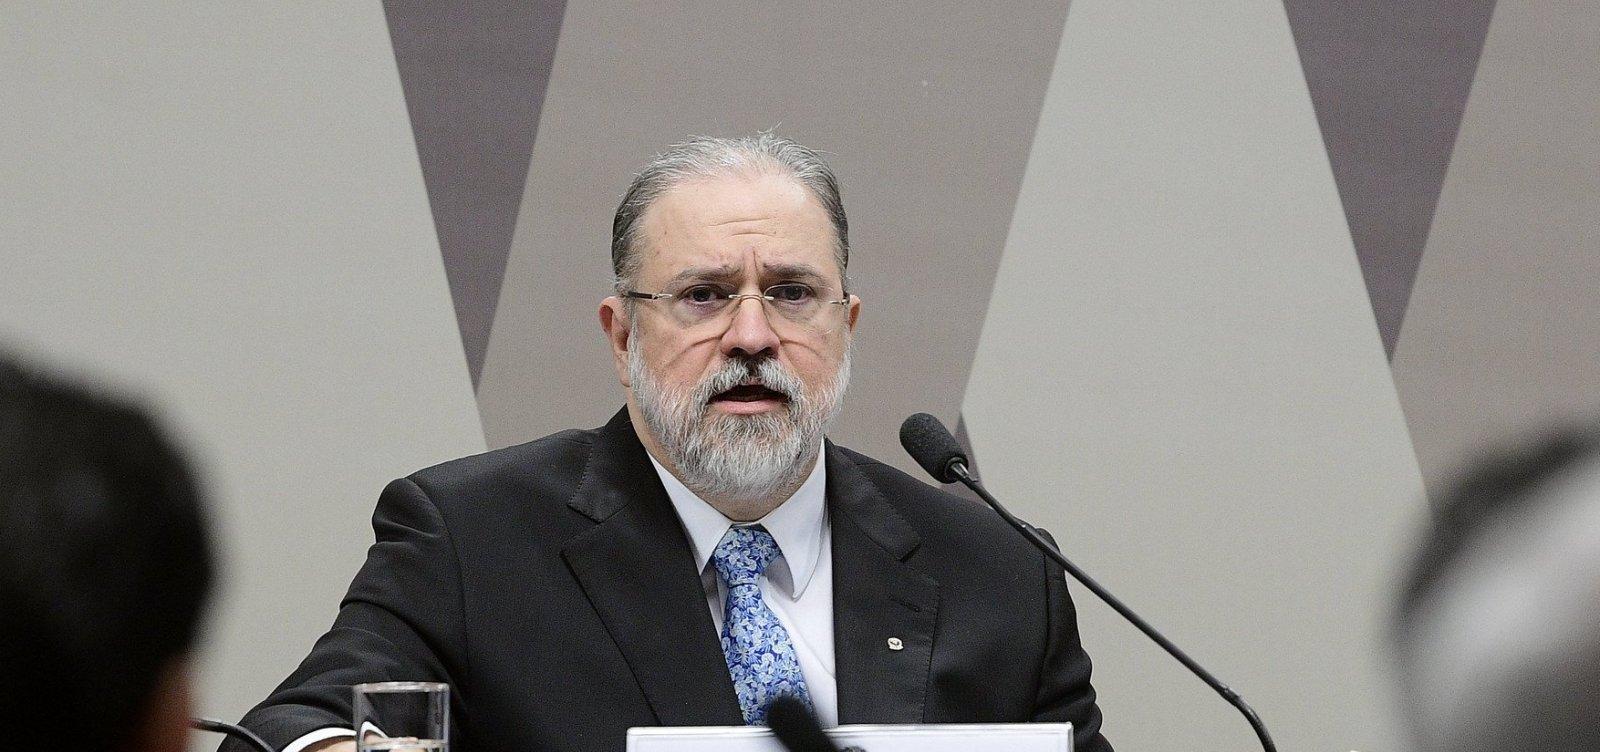 Em busca de novo mandato na PGR, Aras é sabatinado no Senado nesta terça-feira